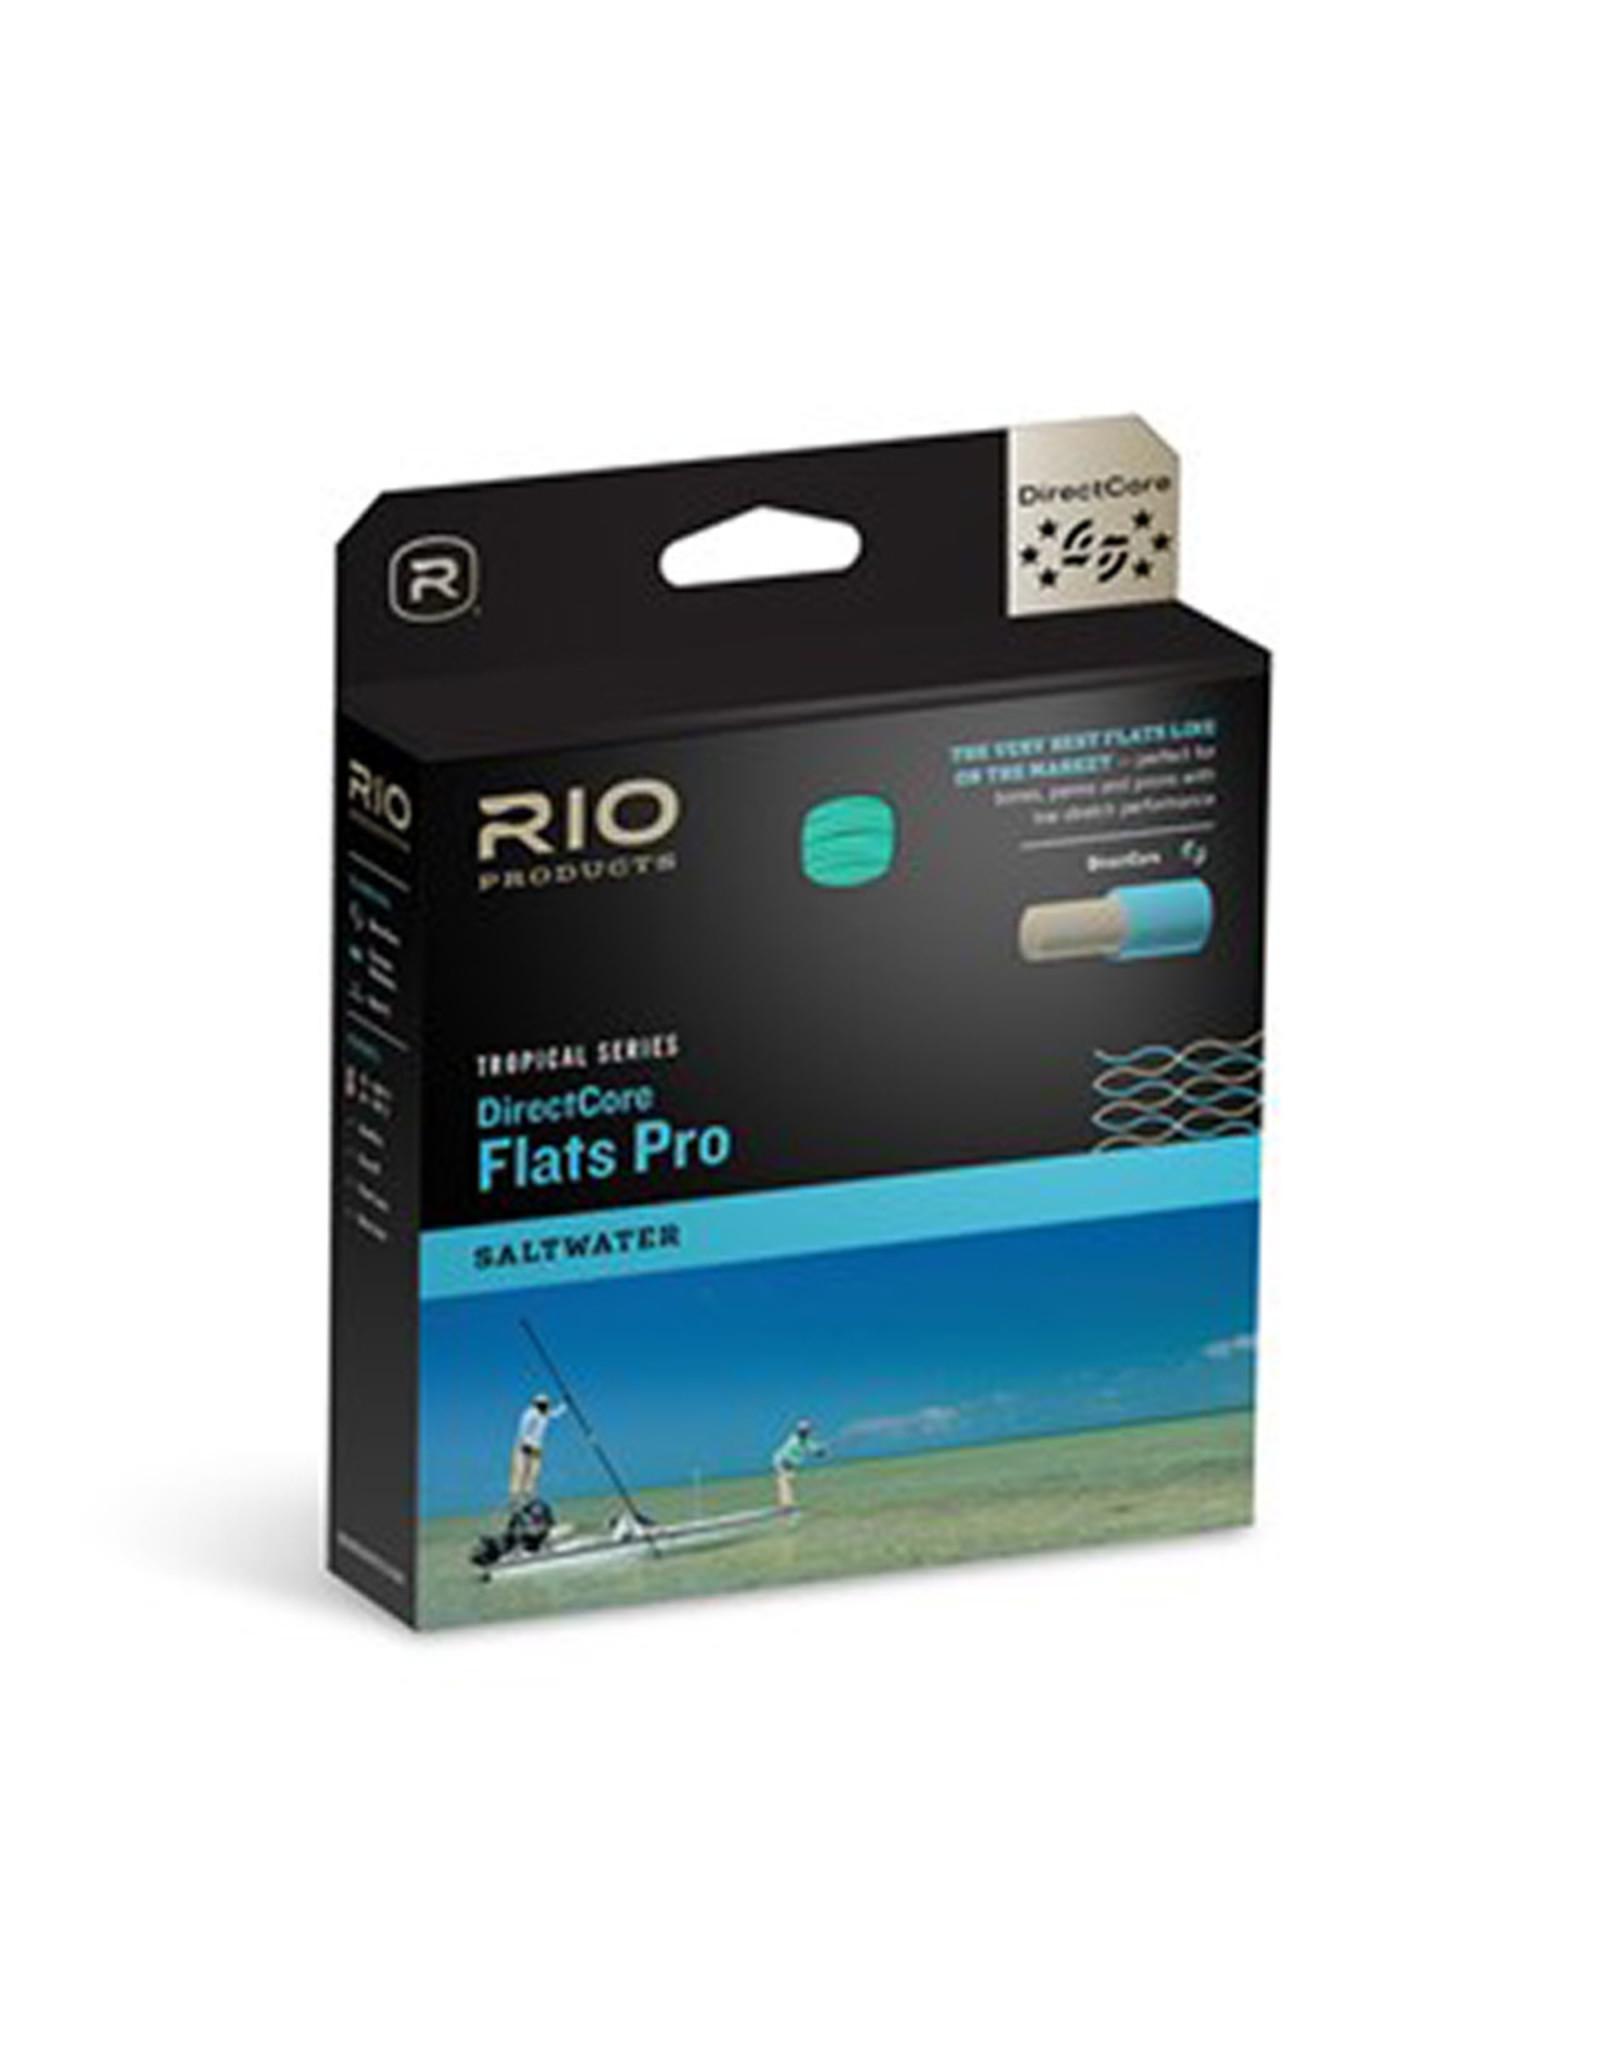 RIO Products DirectCore Flats Pro Intermediate